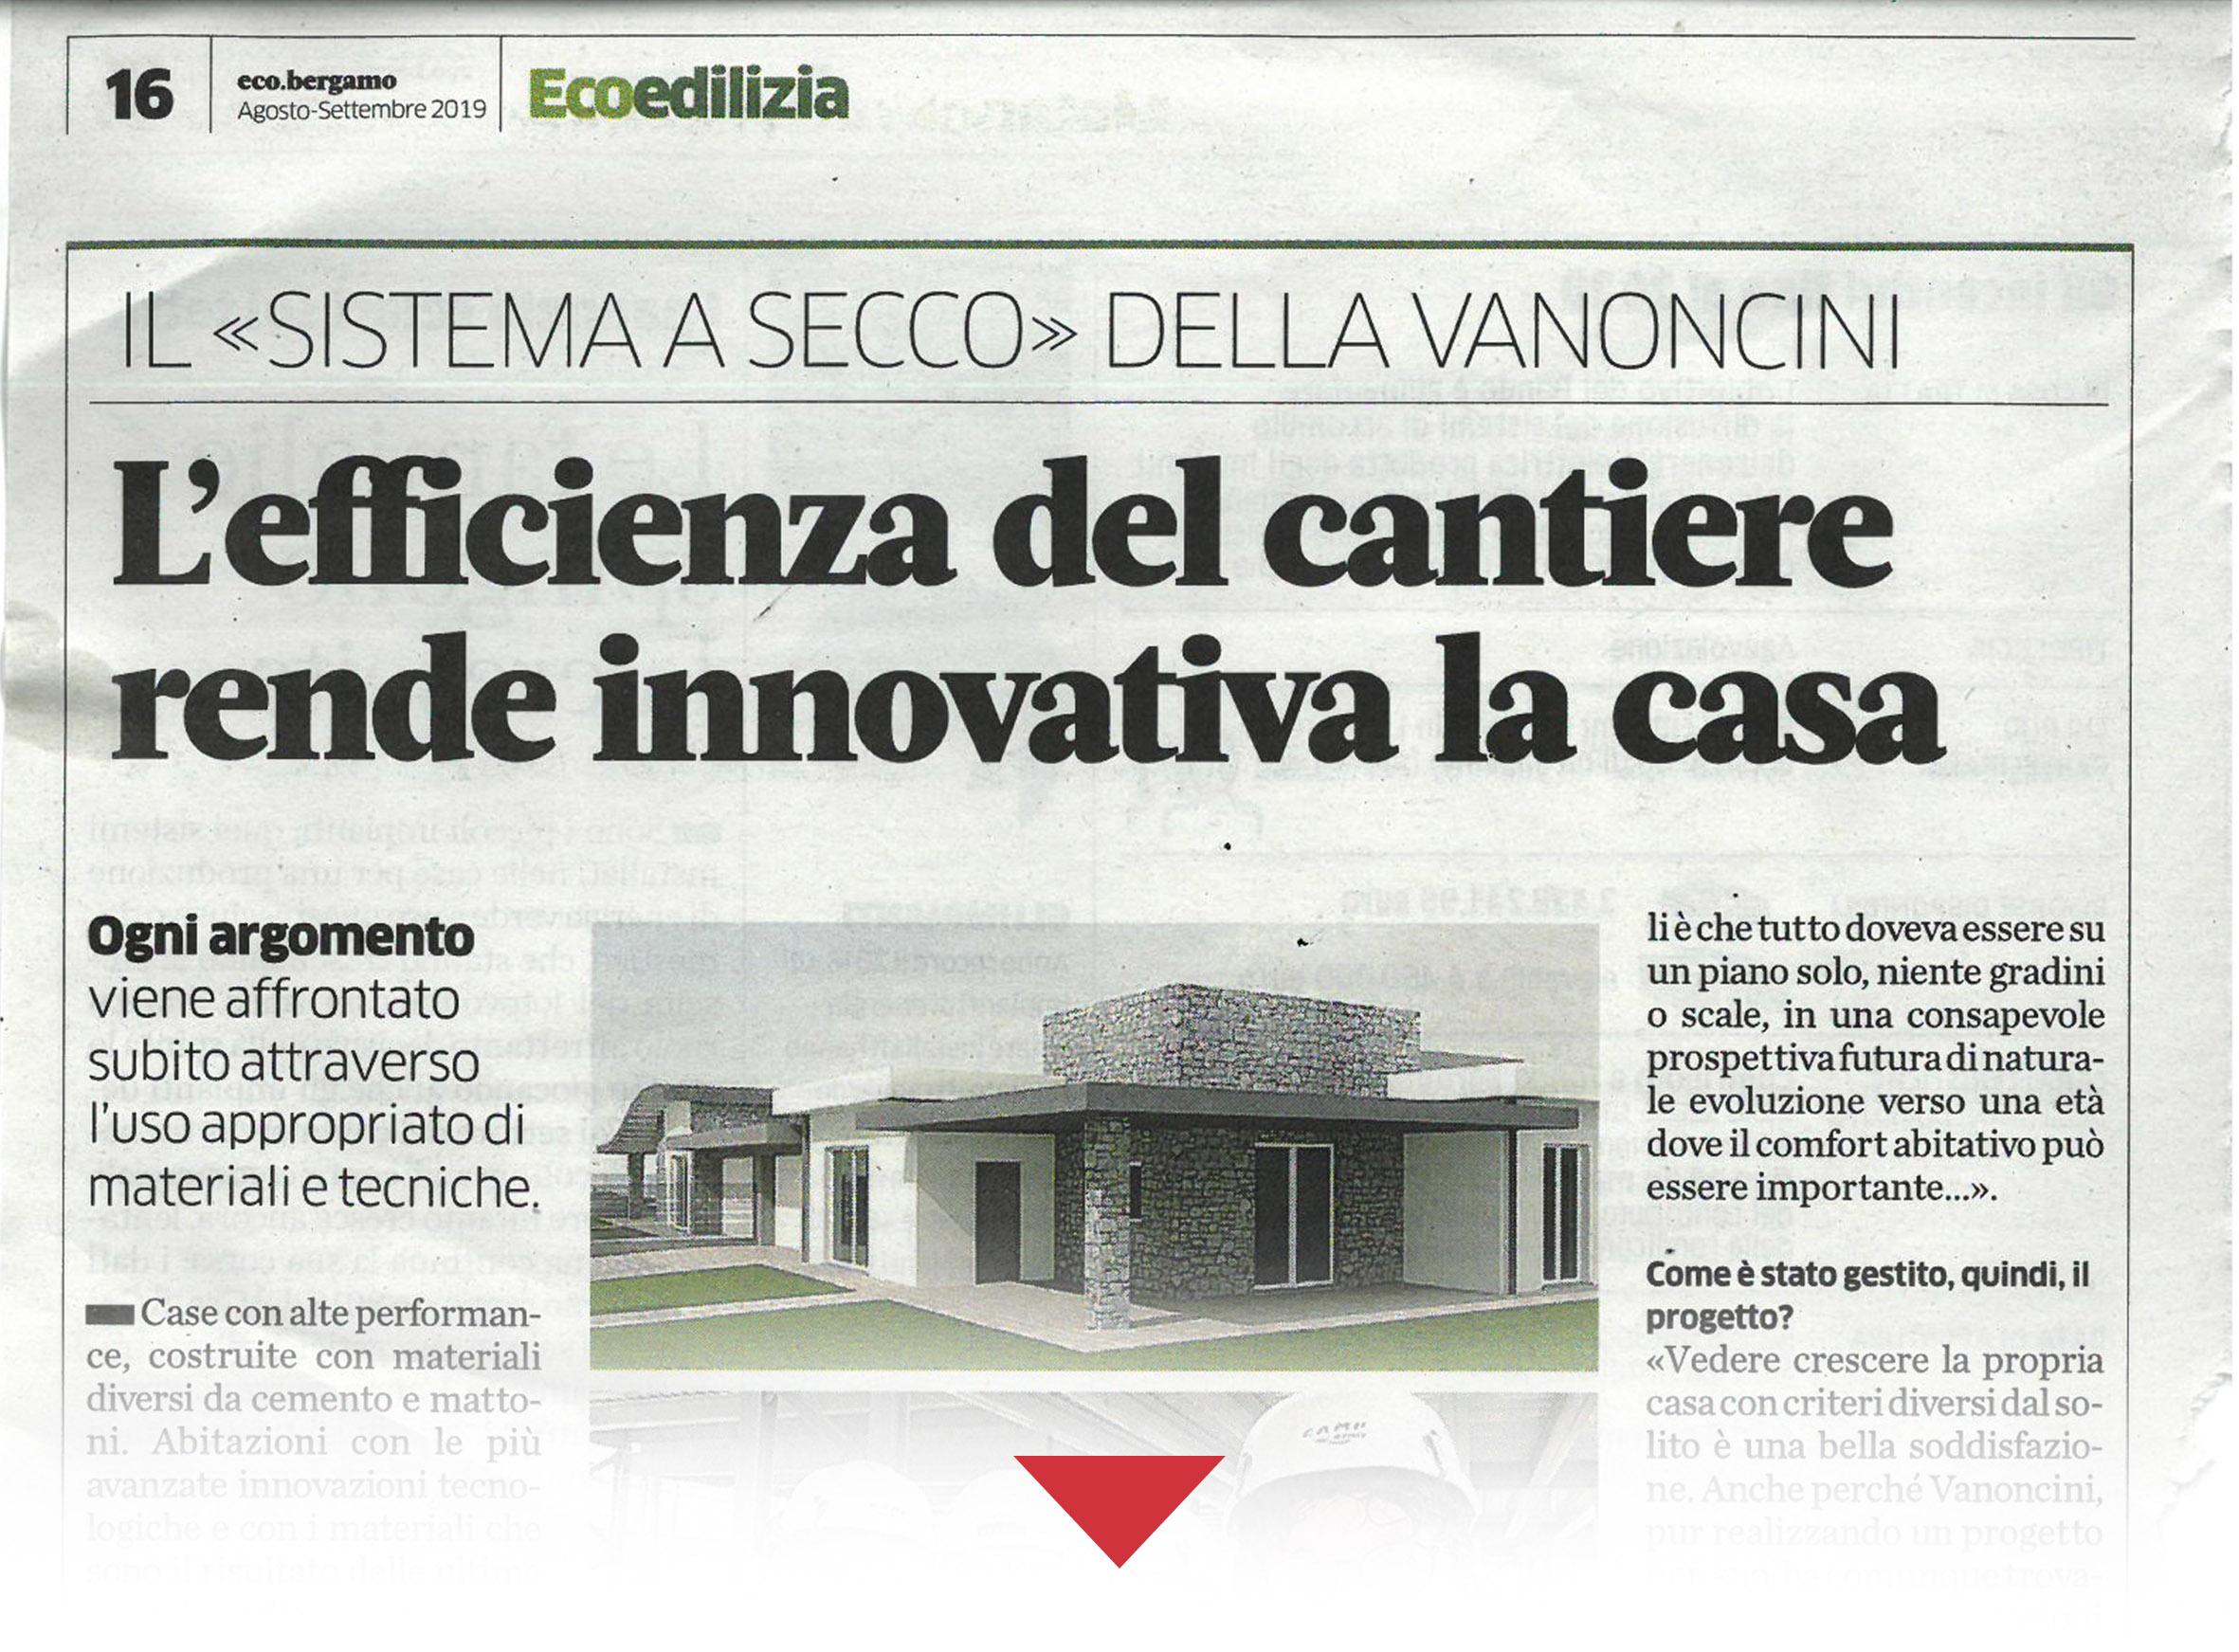 efficenza nei cantieri, innovare la propria casa, ville innovative, cantieri innovative, aziende innovative